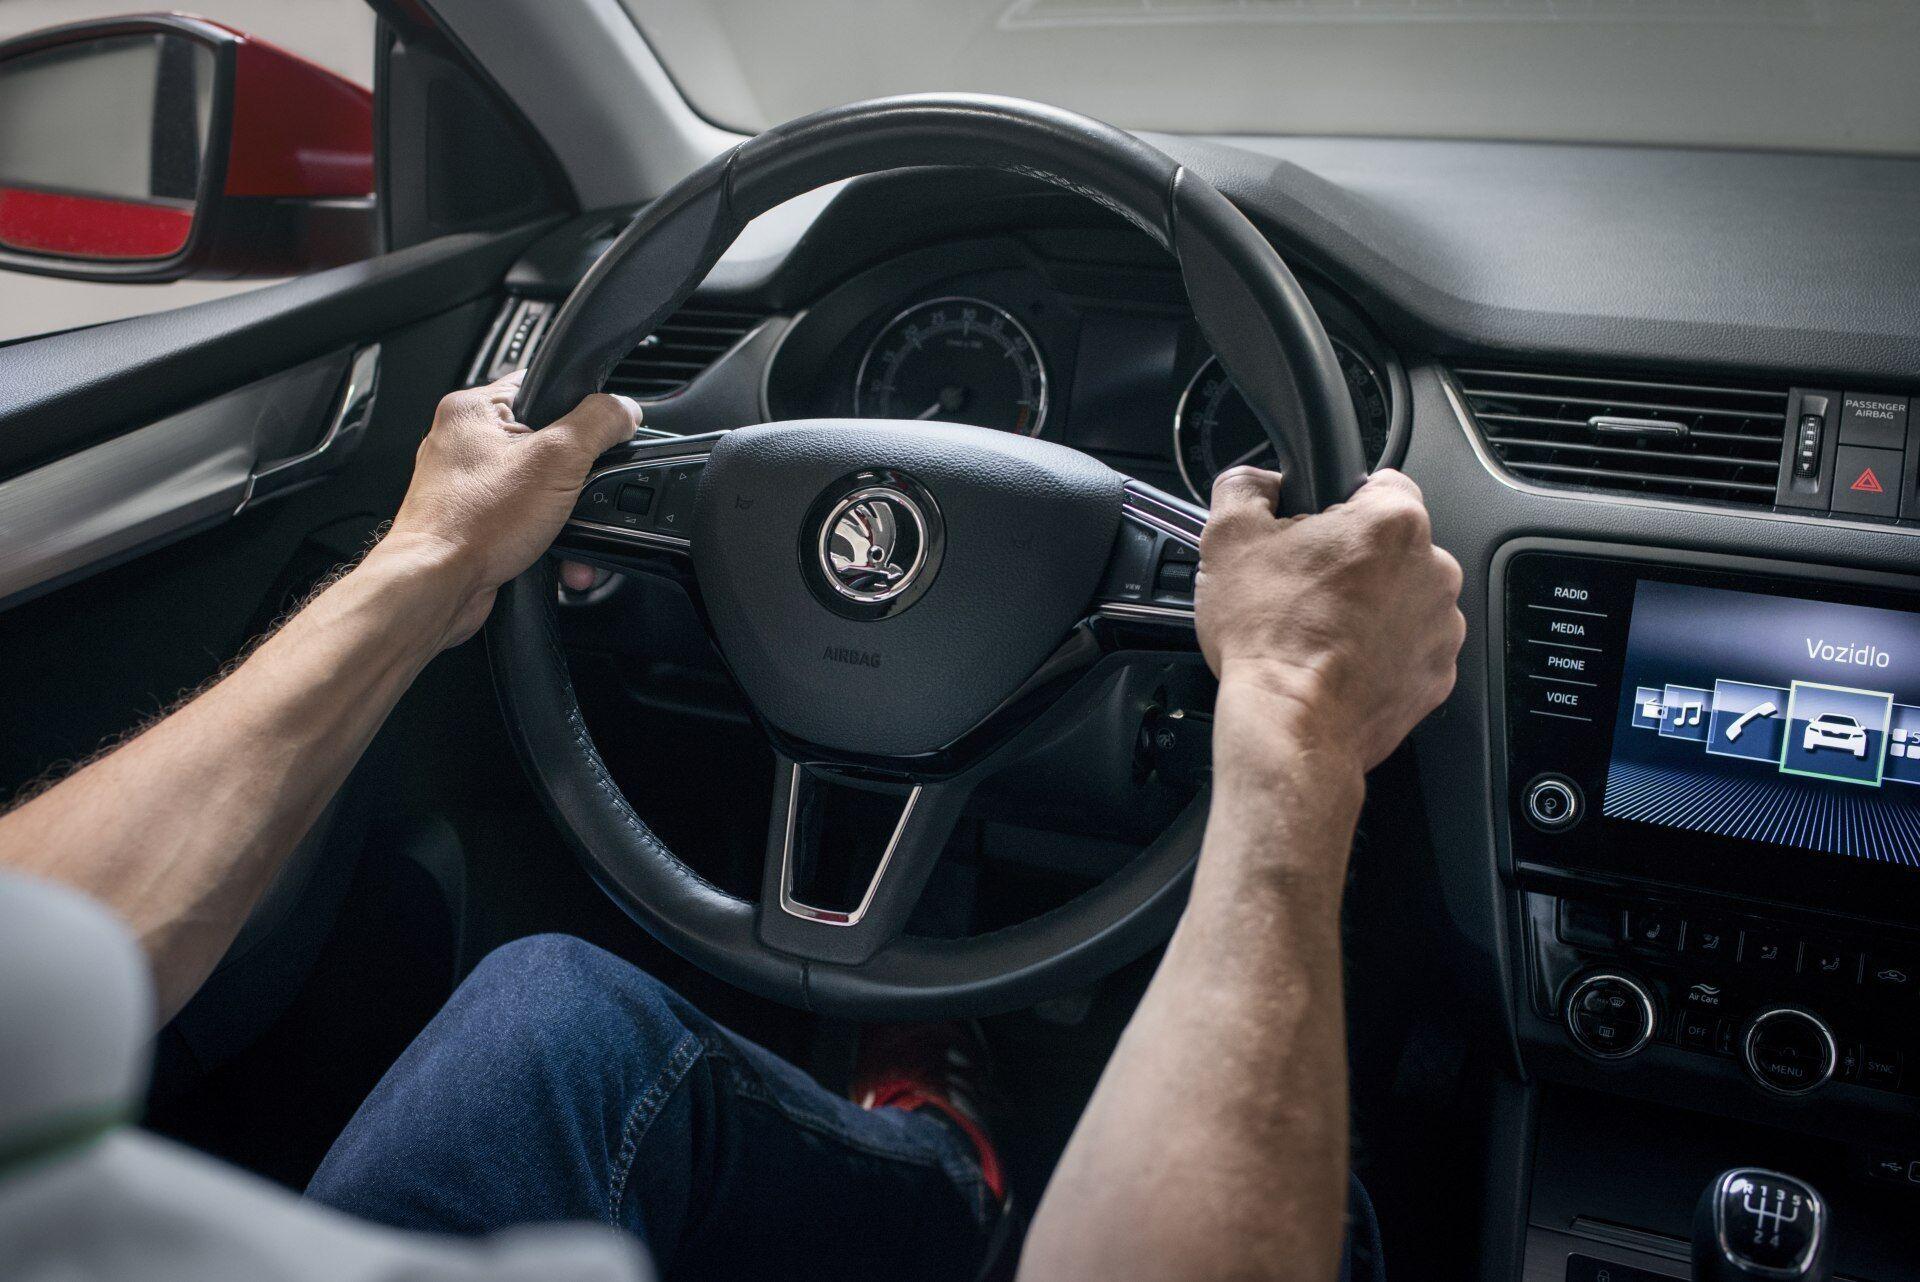 """Правильная позиция рук на руле соответствует положению стрелок часов на """"9"""" и """"3"""""""